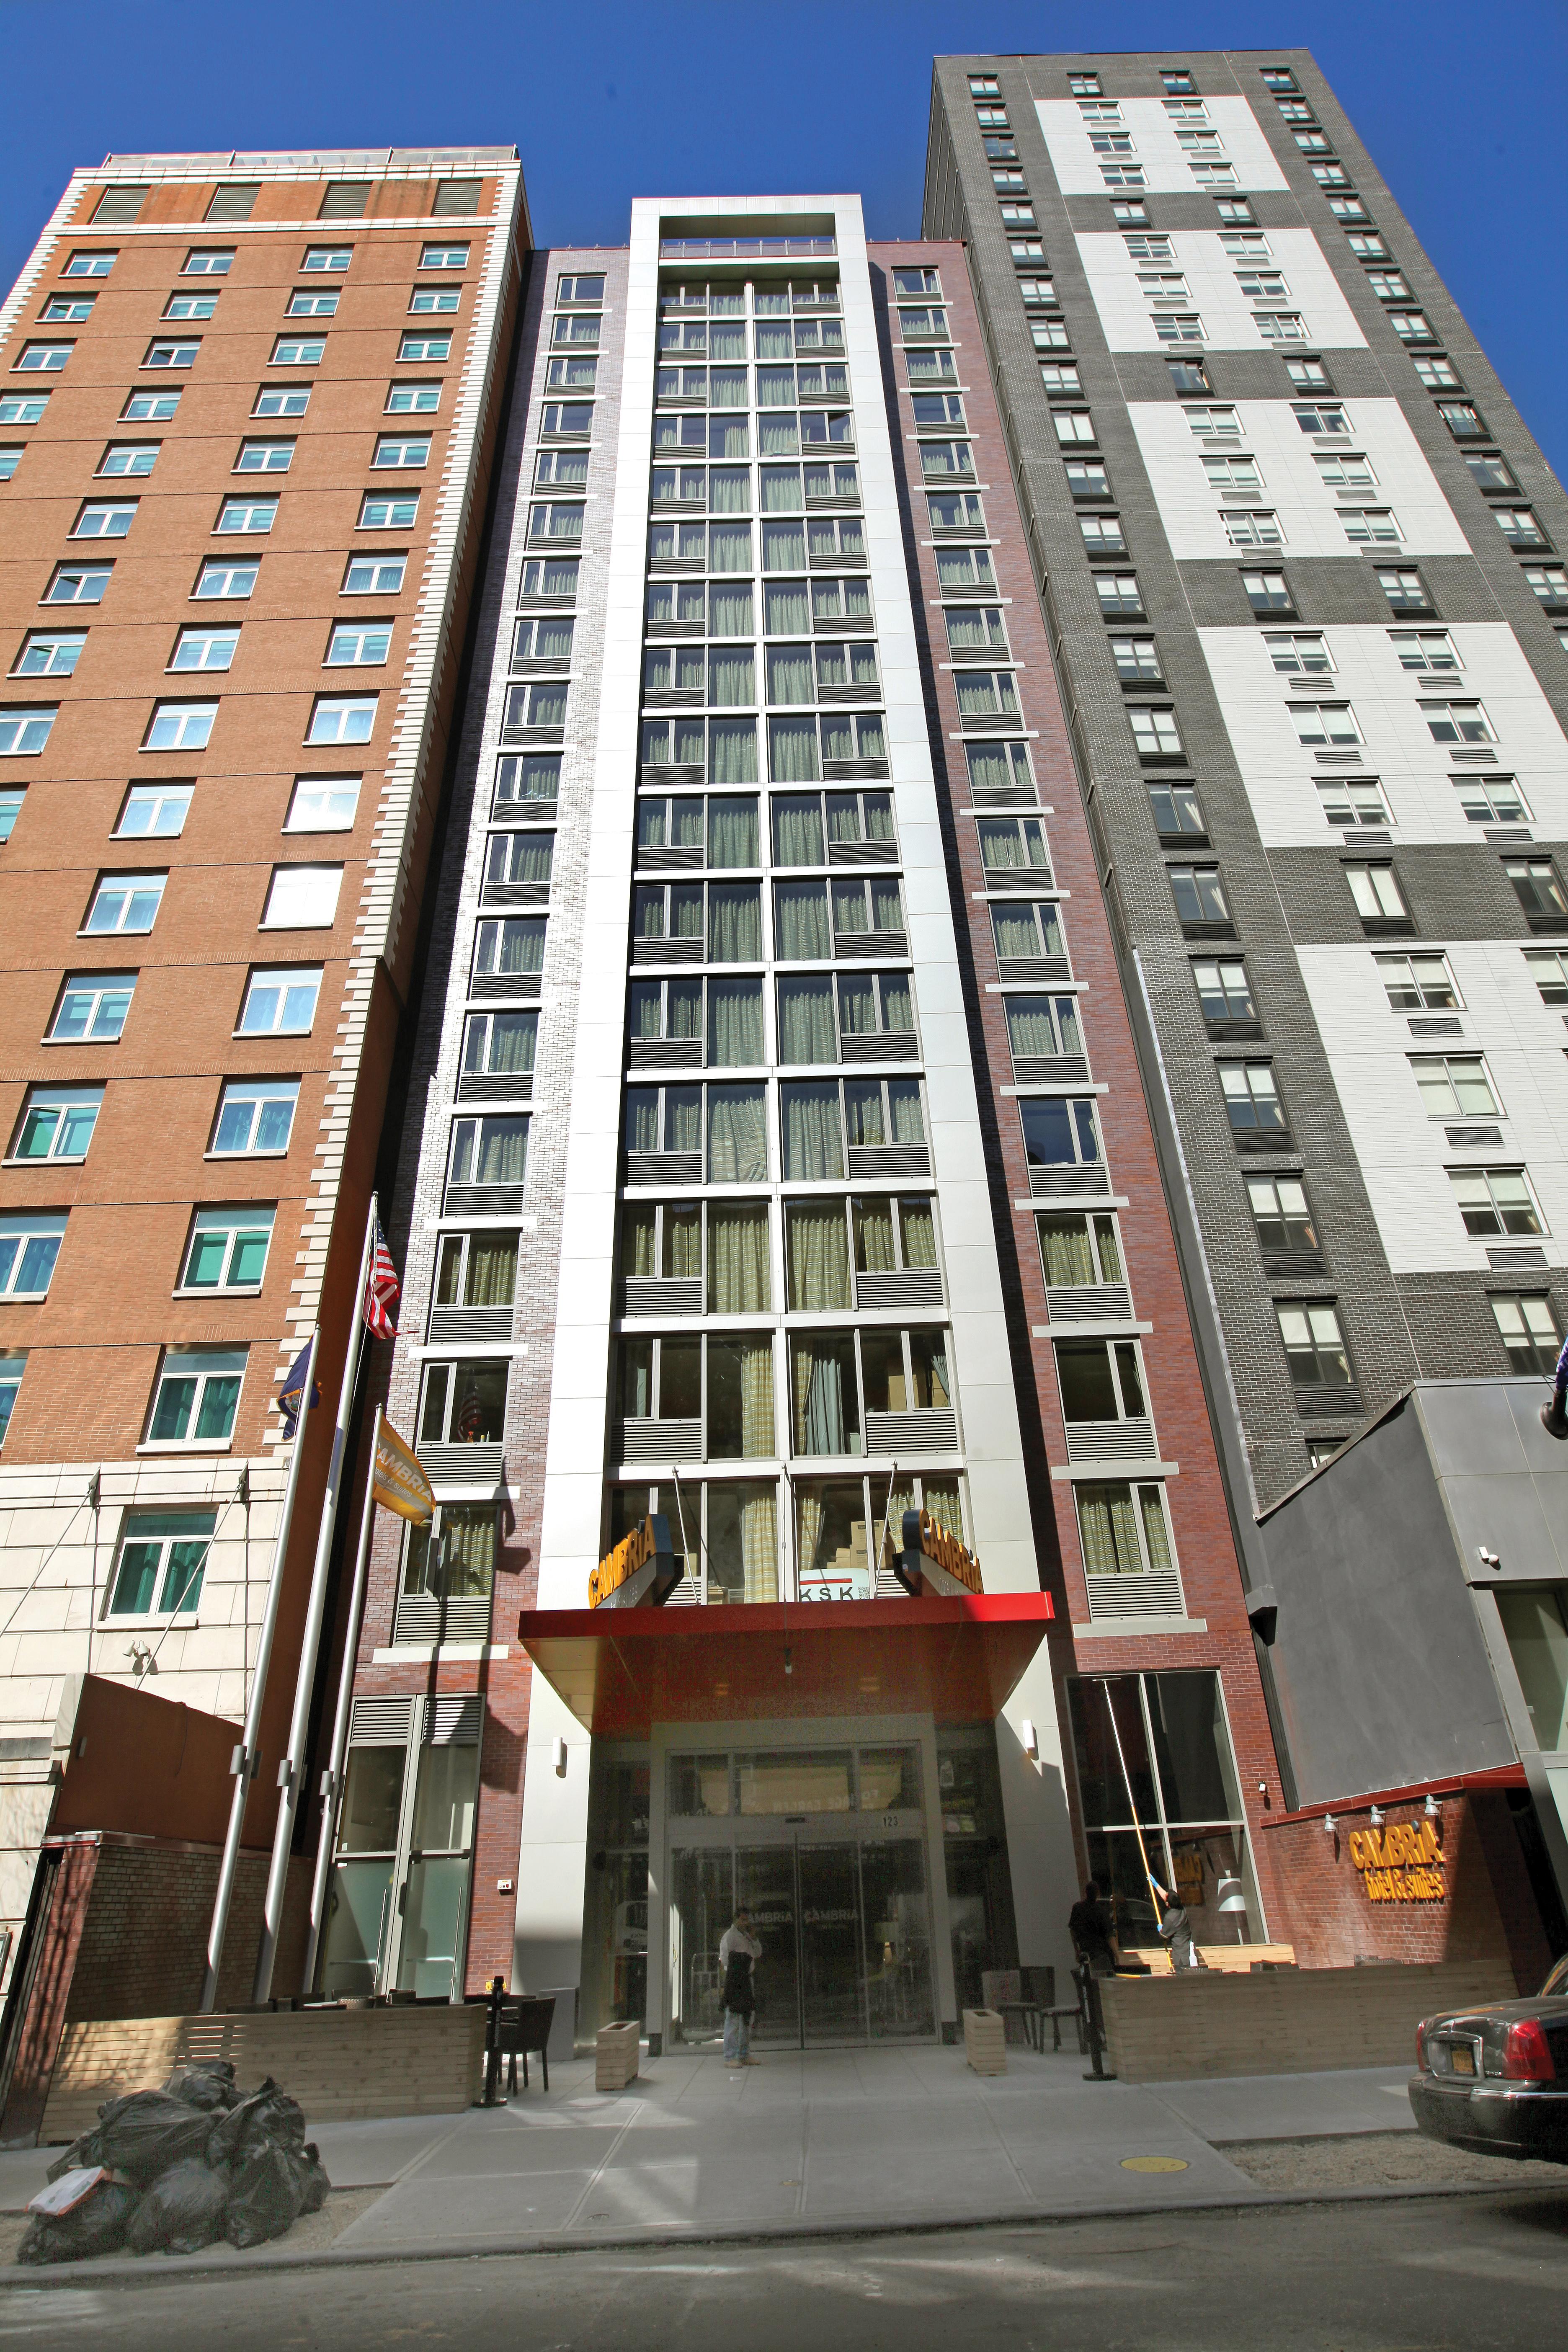 Cambria Suites Hotel Chelsea - Owner's representative